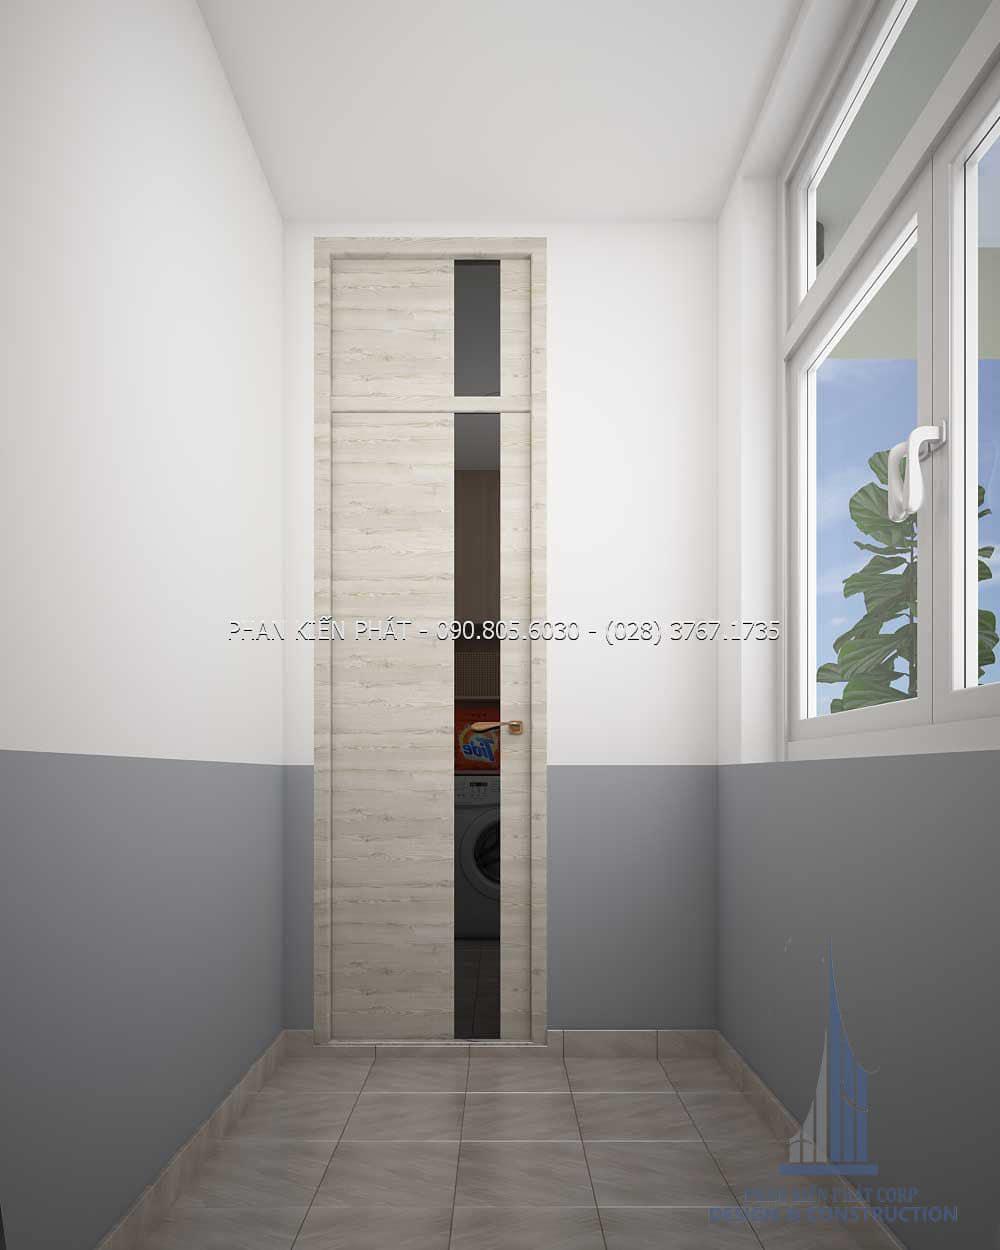 Phòng giặt ở mẫu nhà phố 4 lầu kết hợp với phòng khám